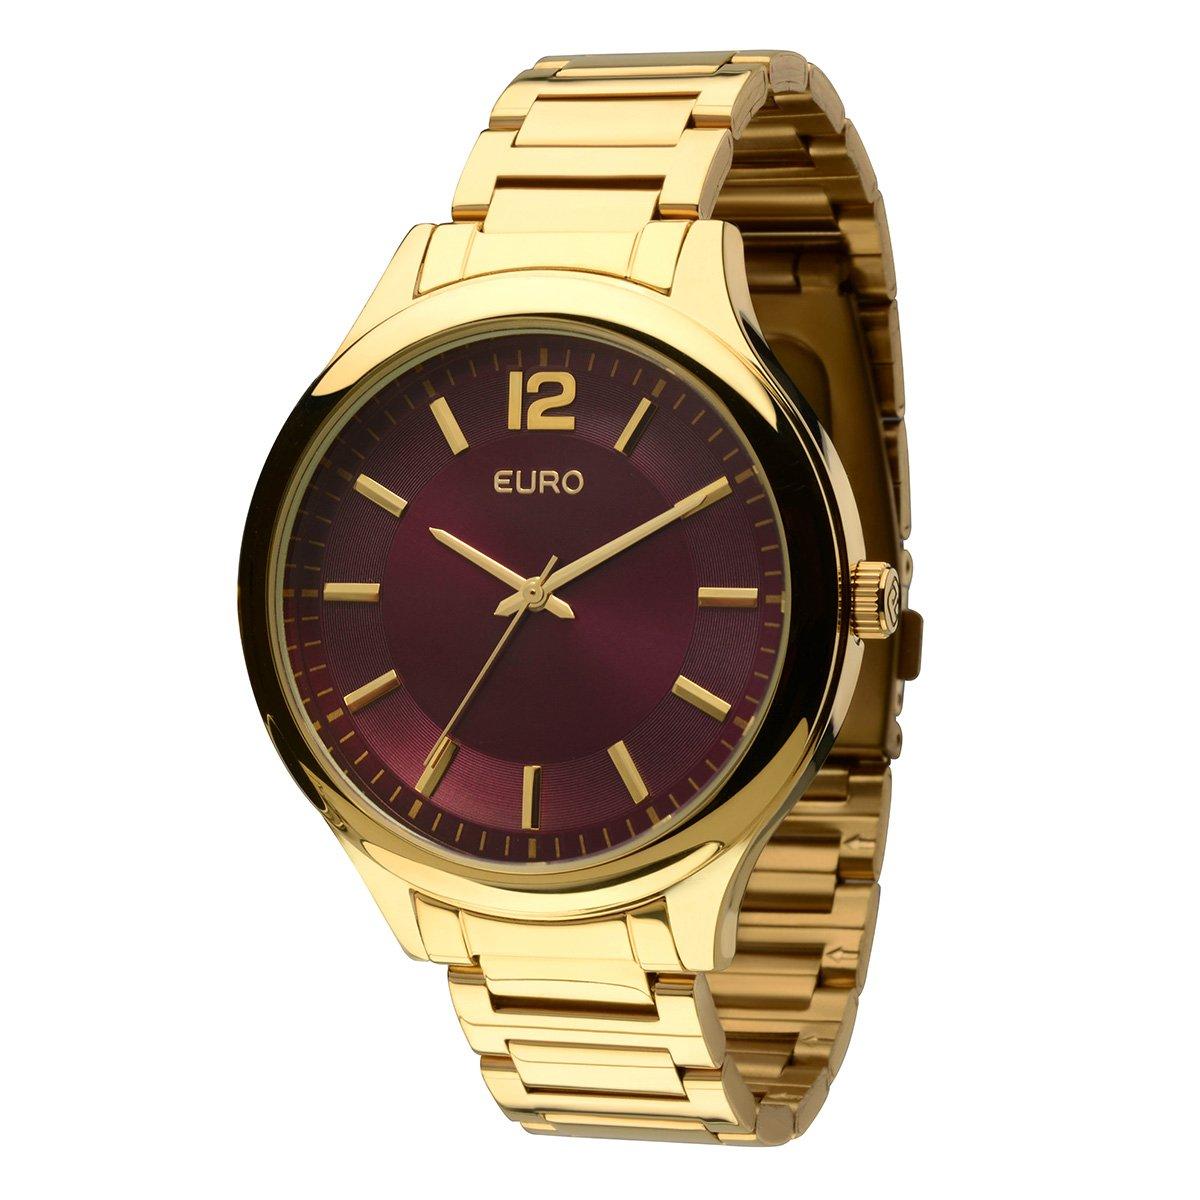 ba543a14626d3 Relógio Euro Feminino - Compre Agora